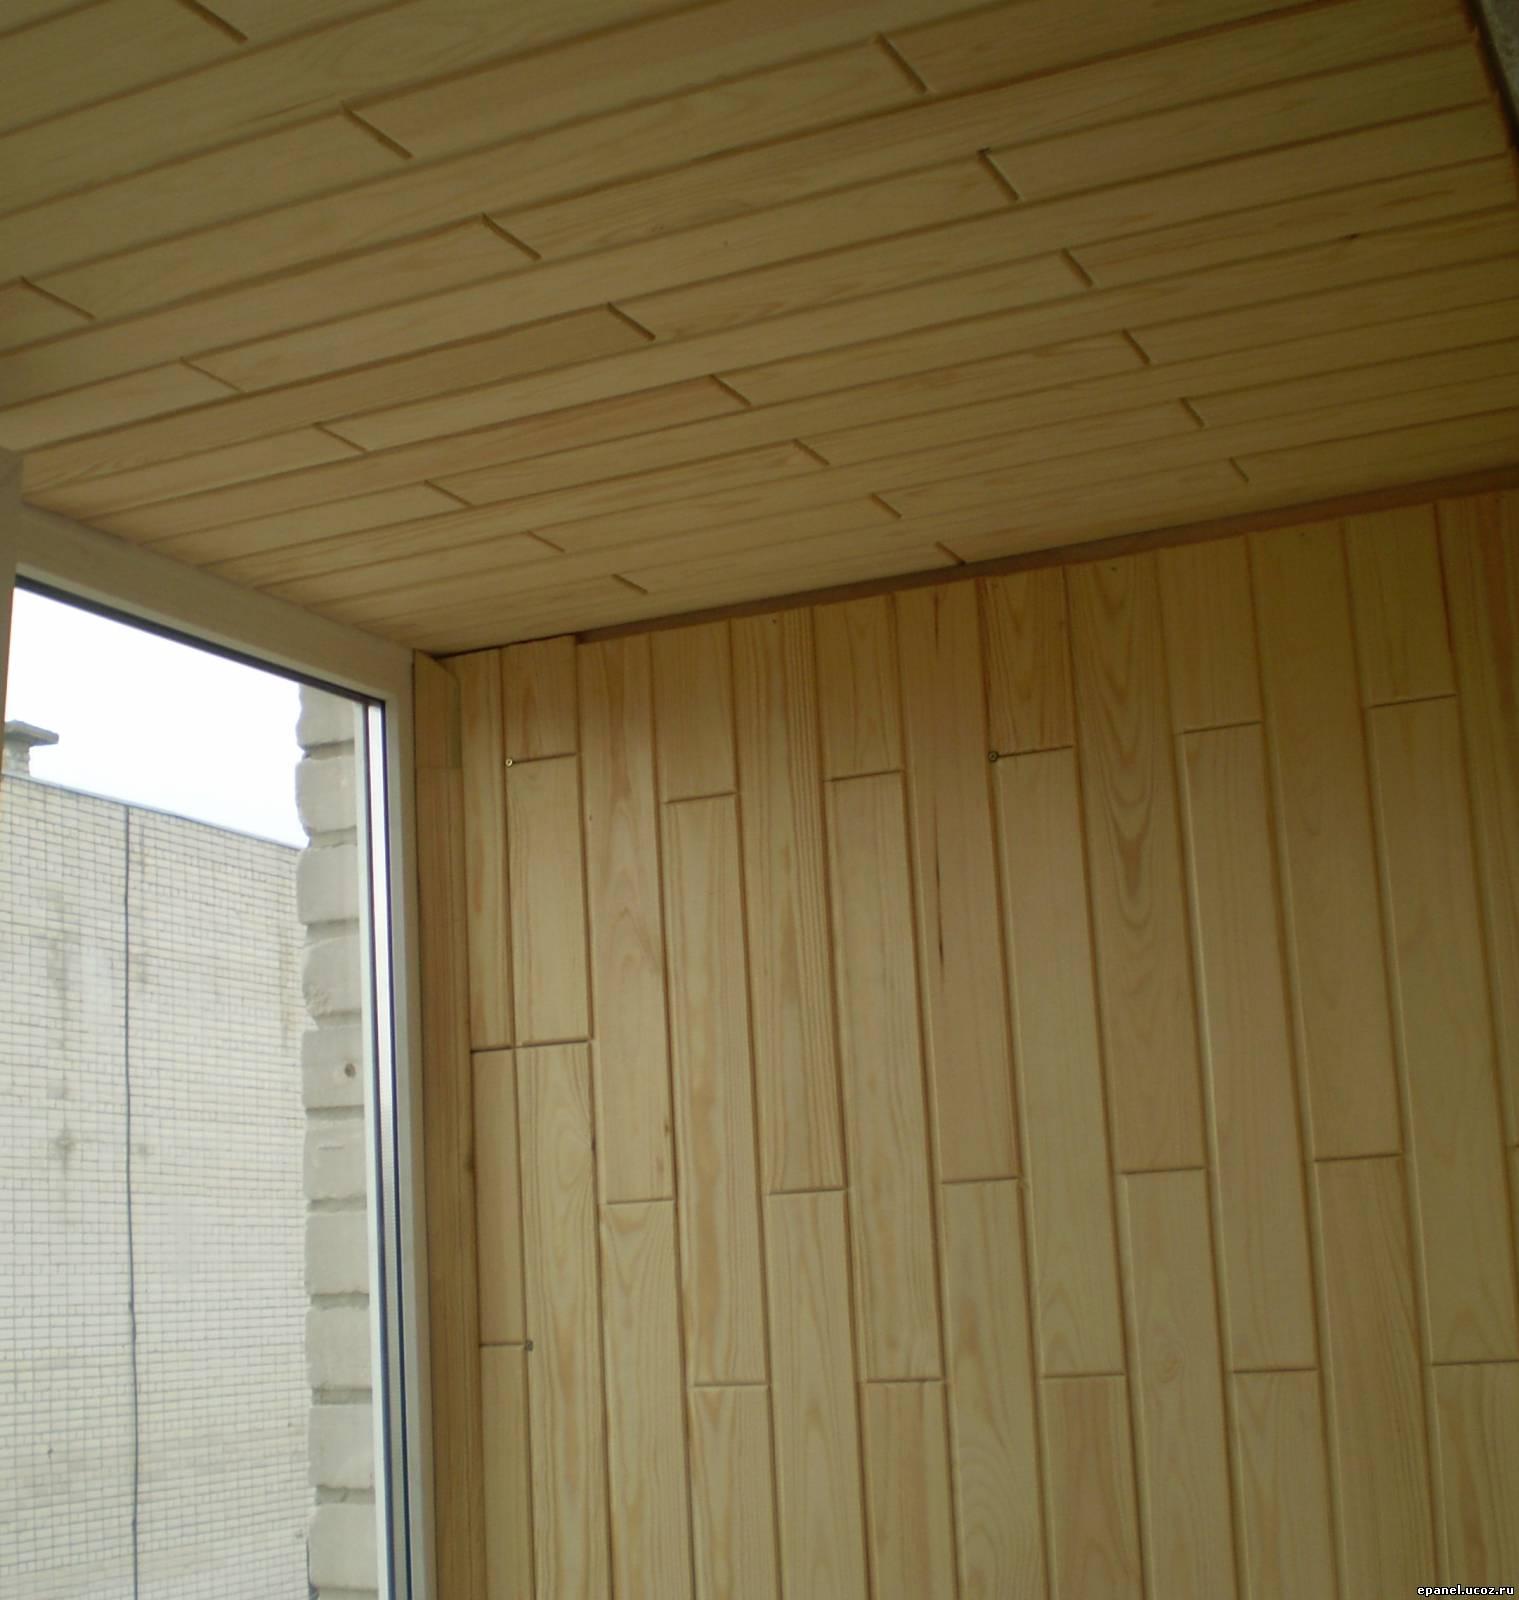 Мои фотографии - фотоальбомы - стеновые панели из евровагонк.